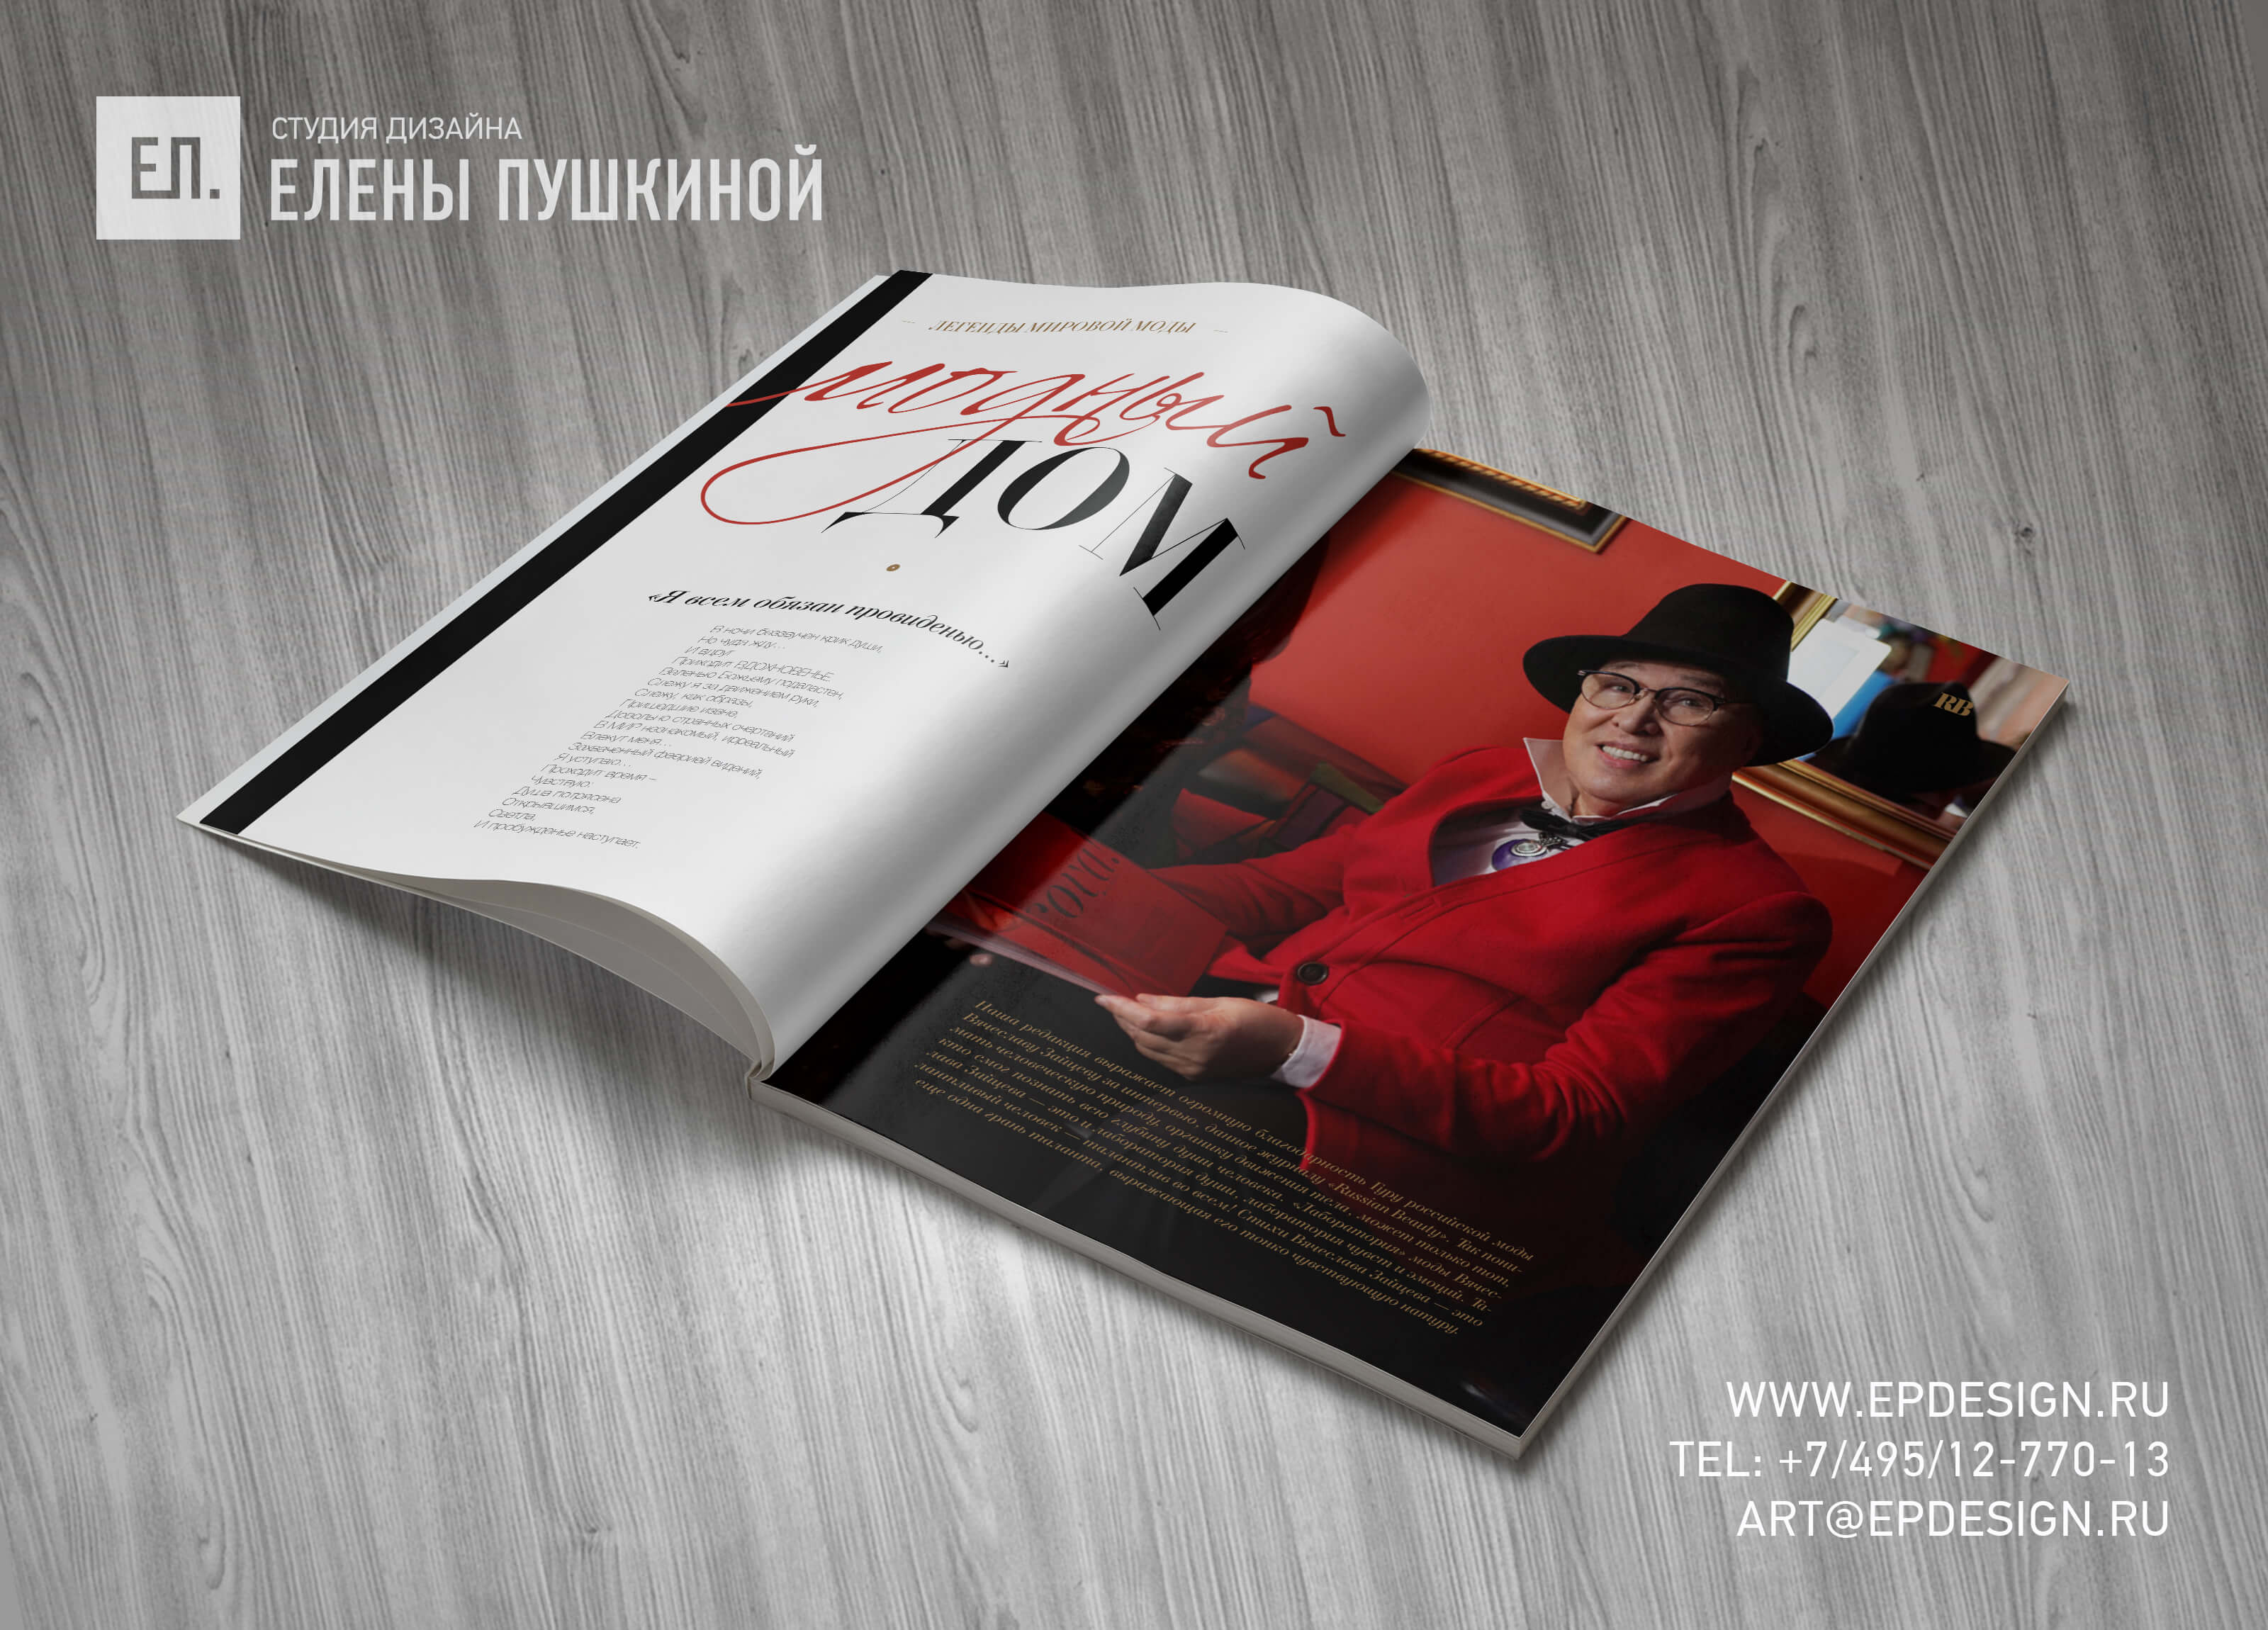 Глянцевый Luxury журнал «RUSSIAN BEAUTY» №6 сентябрь 2019— разработка с«нуля» логотипа, обложки, макета ивёрстка журнала Разработка журналов Портфолио